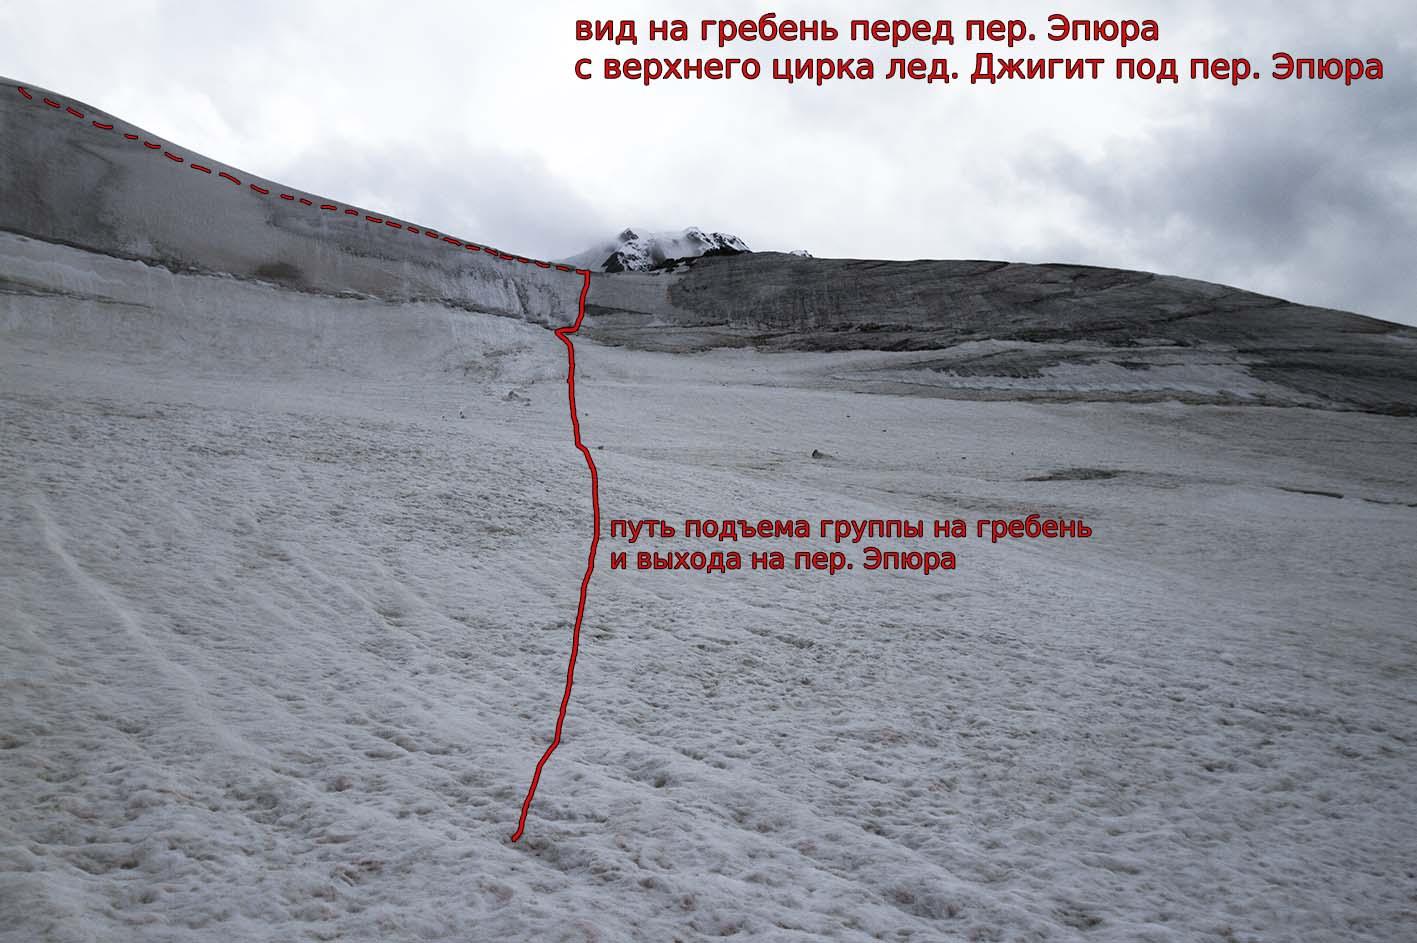 Вид на гребень при подъеме на пер. Эпюра (2А, 4340 м)